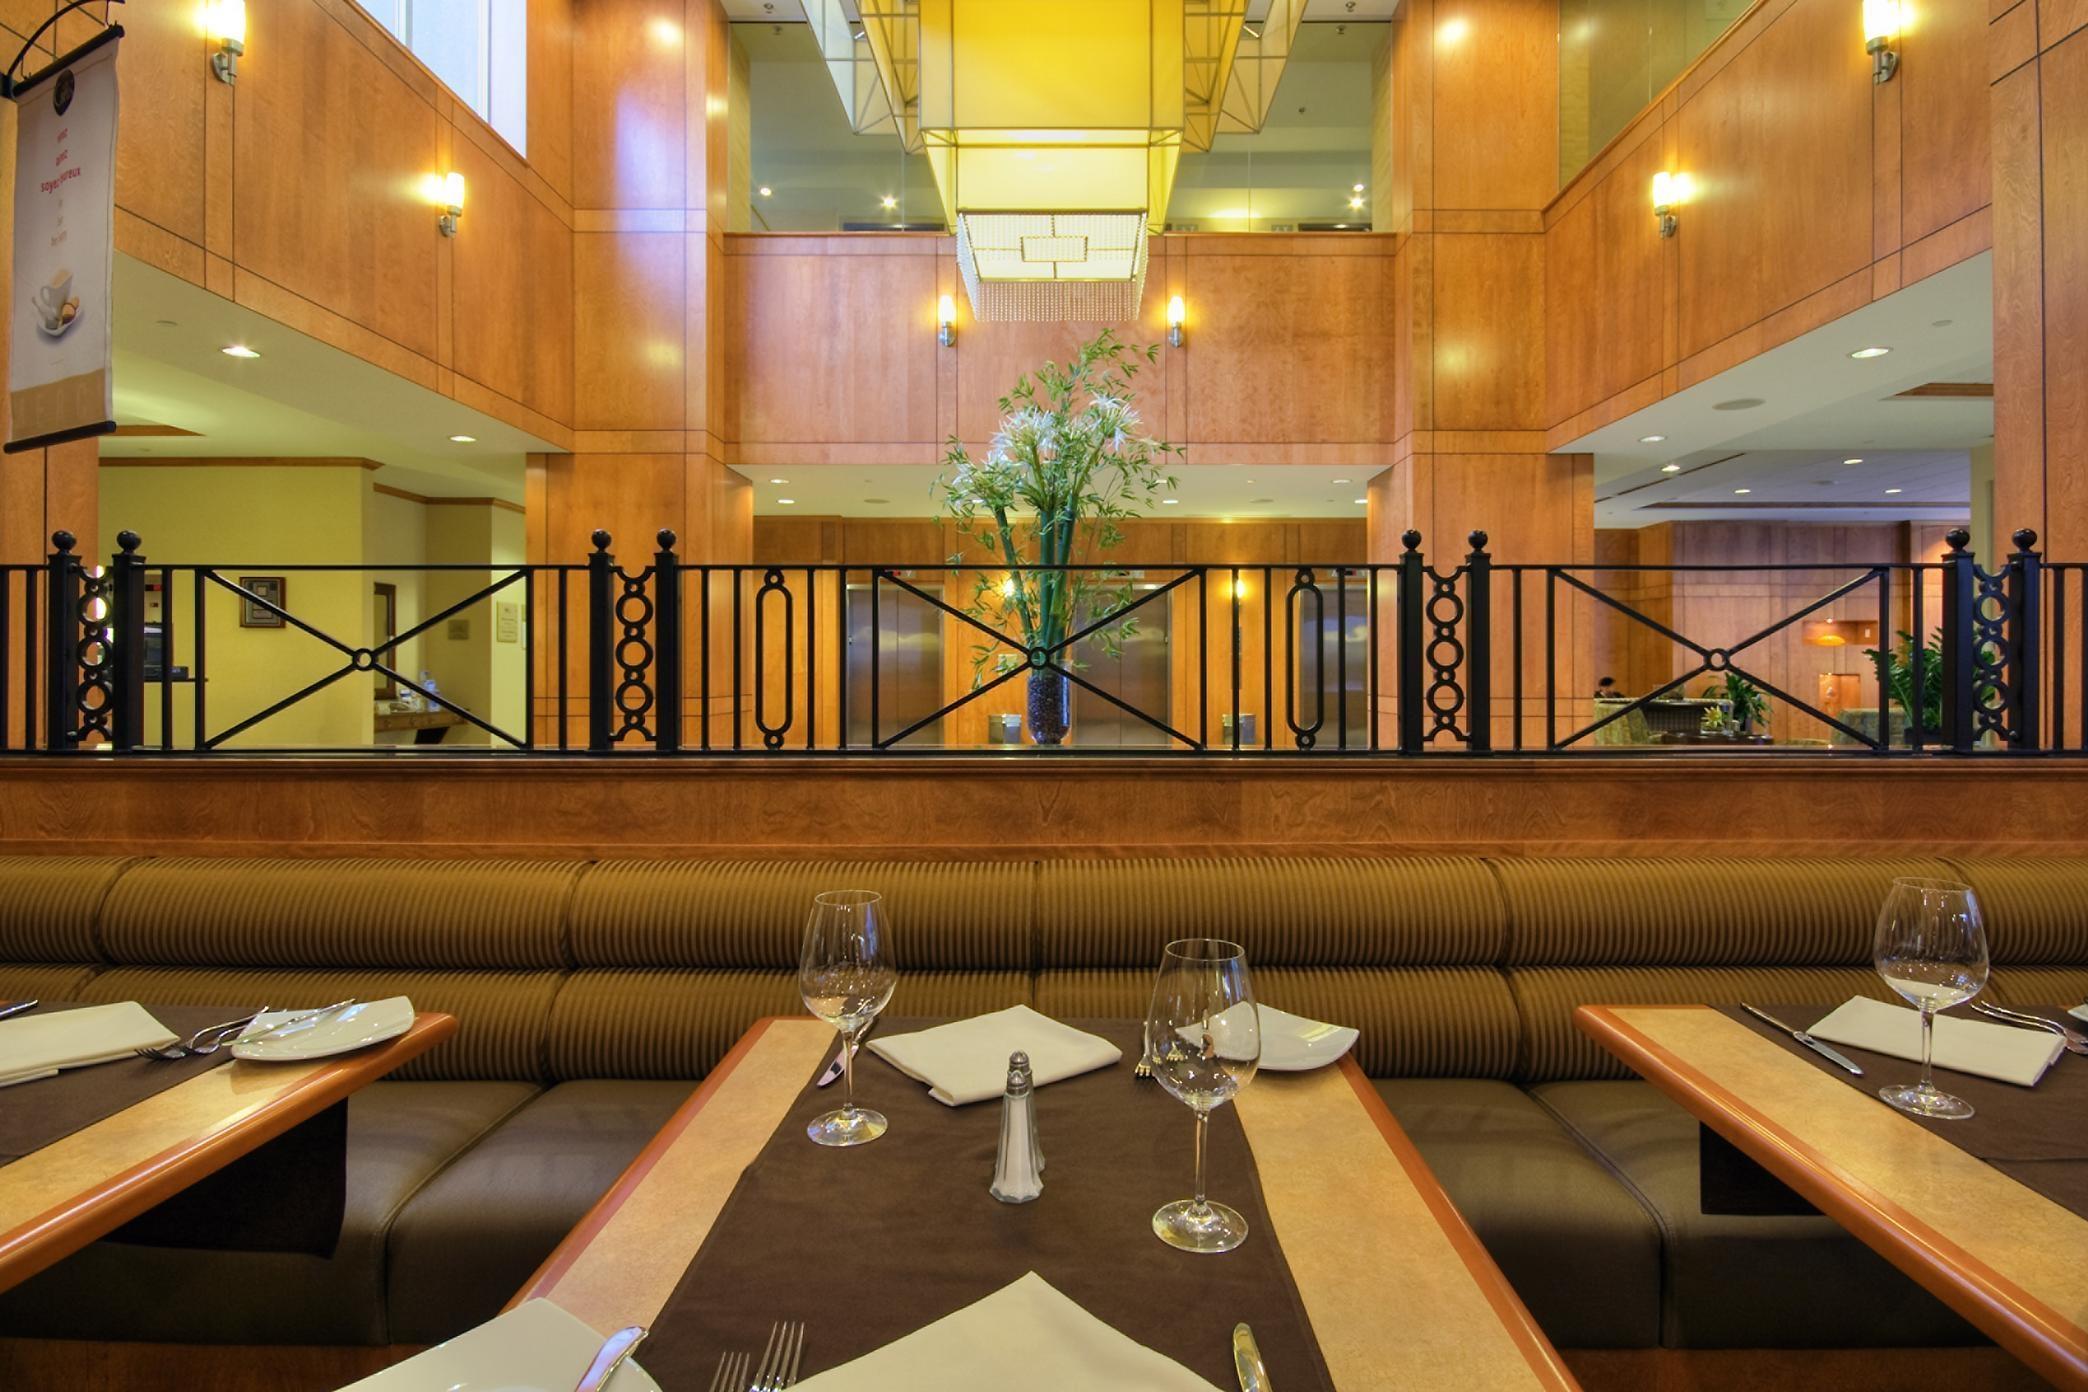 Hilton Garden Inn Montreal Restaurant